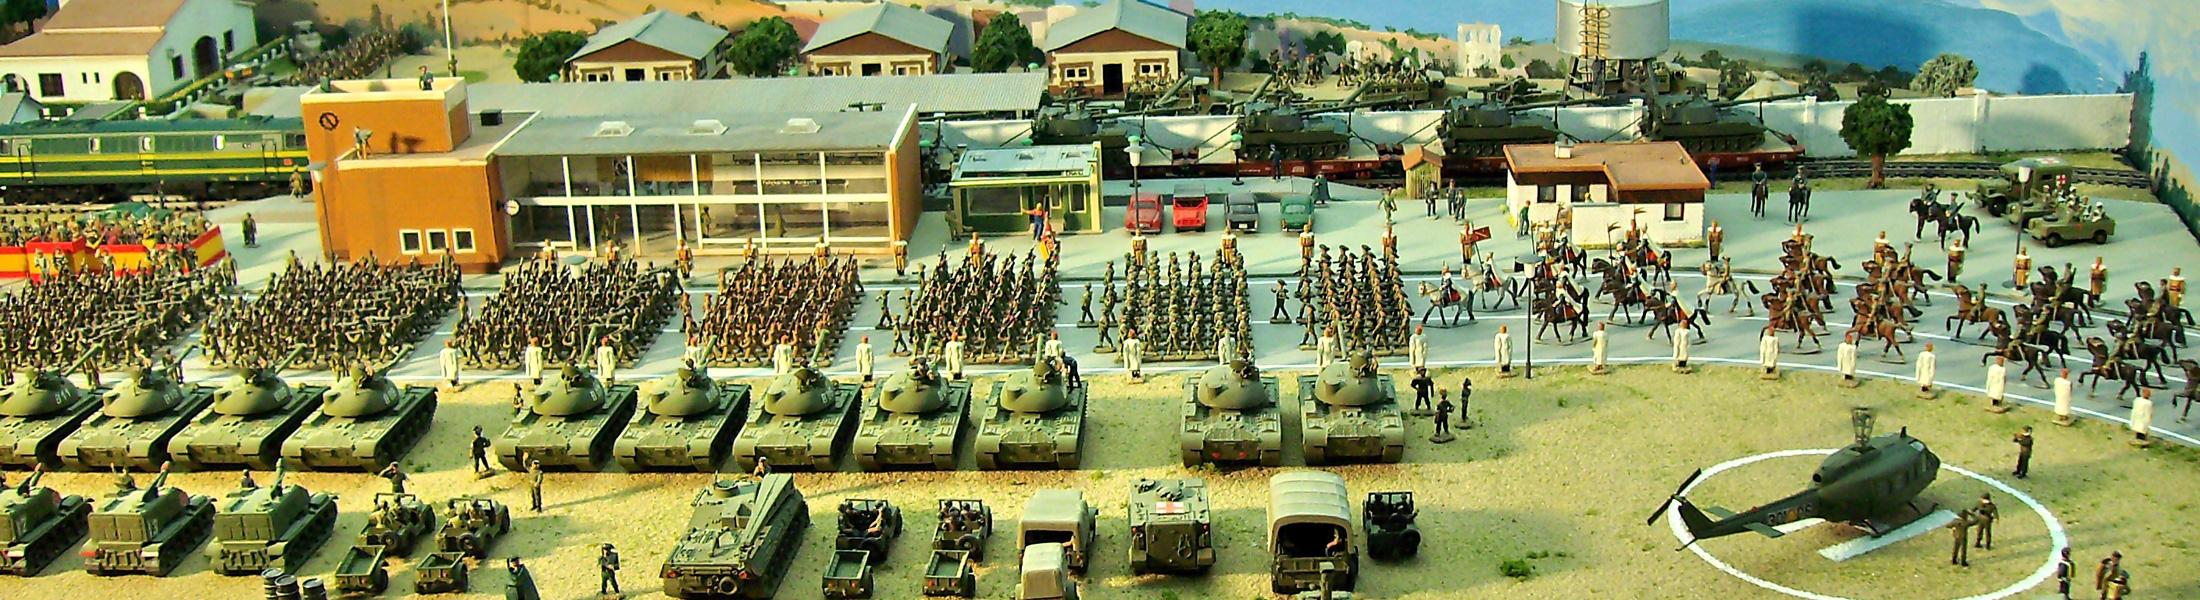 El ejército español de los años 70